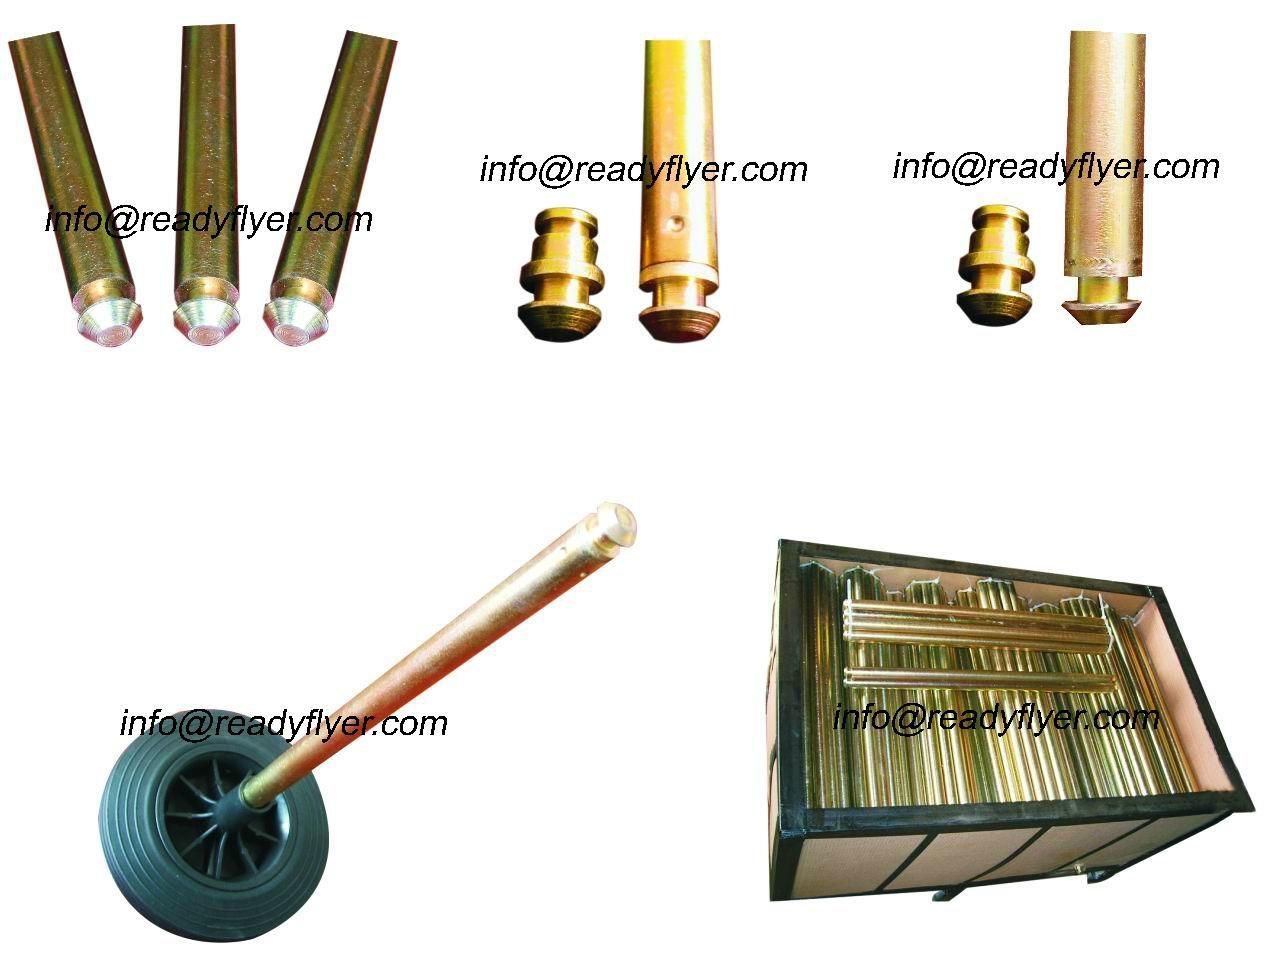 wheelie bin axle / hollow axle / solid axle